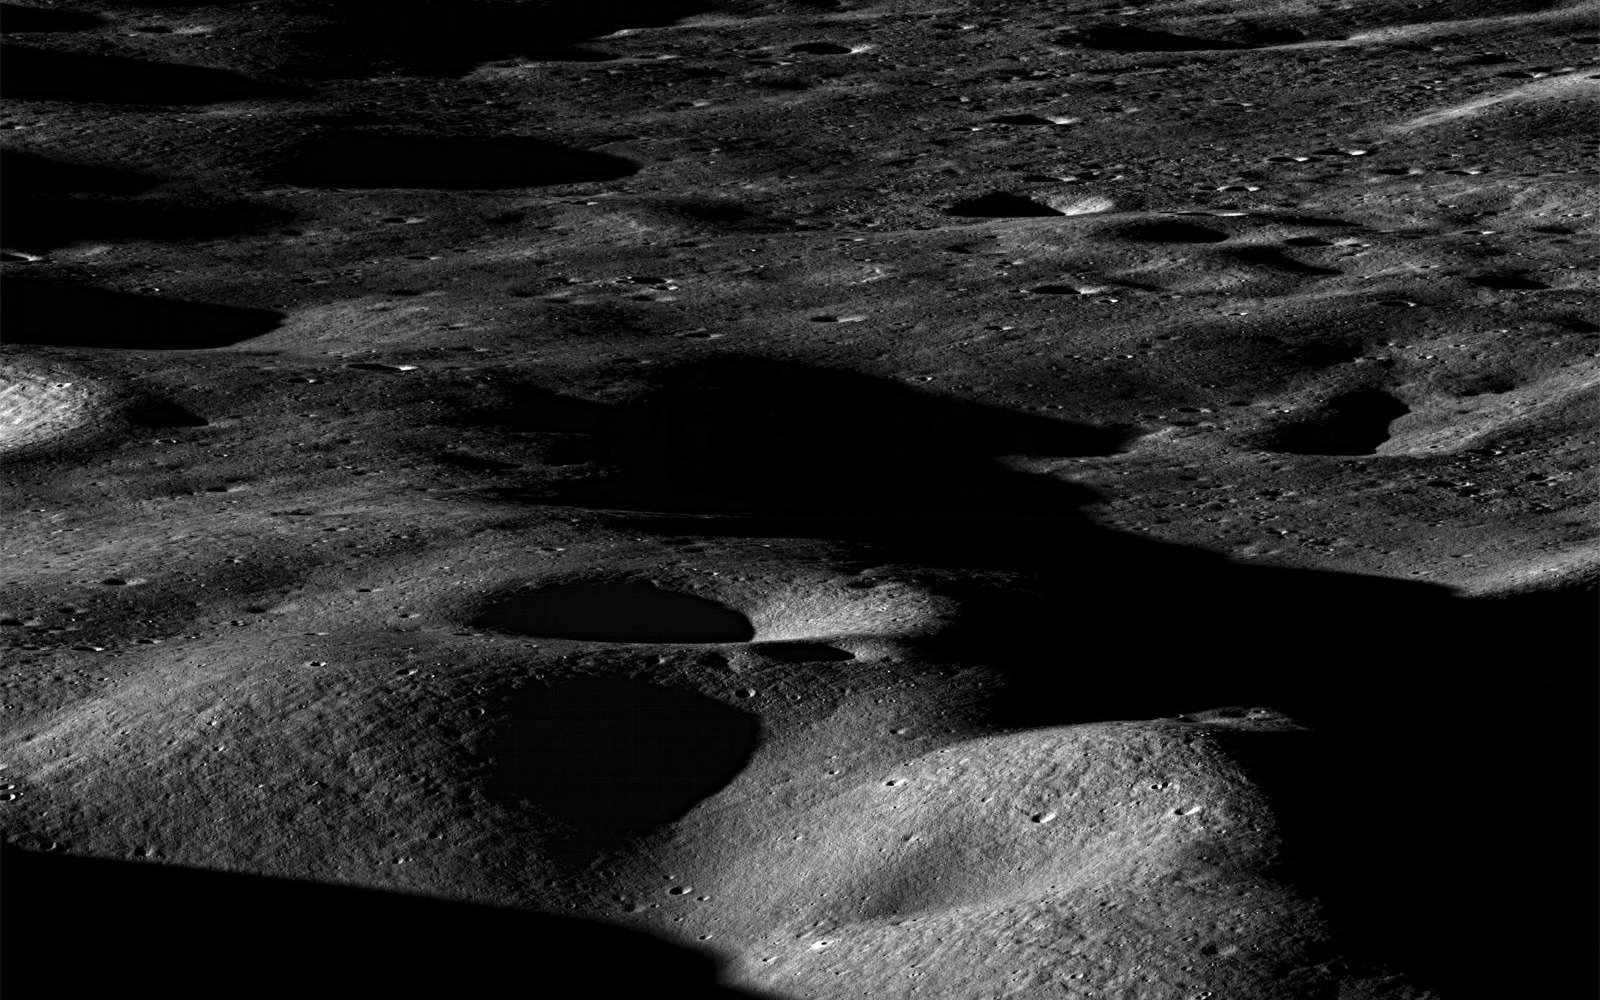 La Chine veut décrocher la Lune et se donne les moyens d'y parvenir. Chang'e-2 devrait partir tourner autour de la Lune en fin d'année. Crédits Nasa / GSFC / Arizona State University